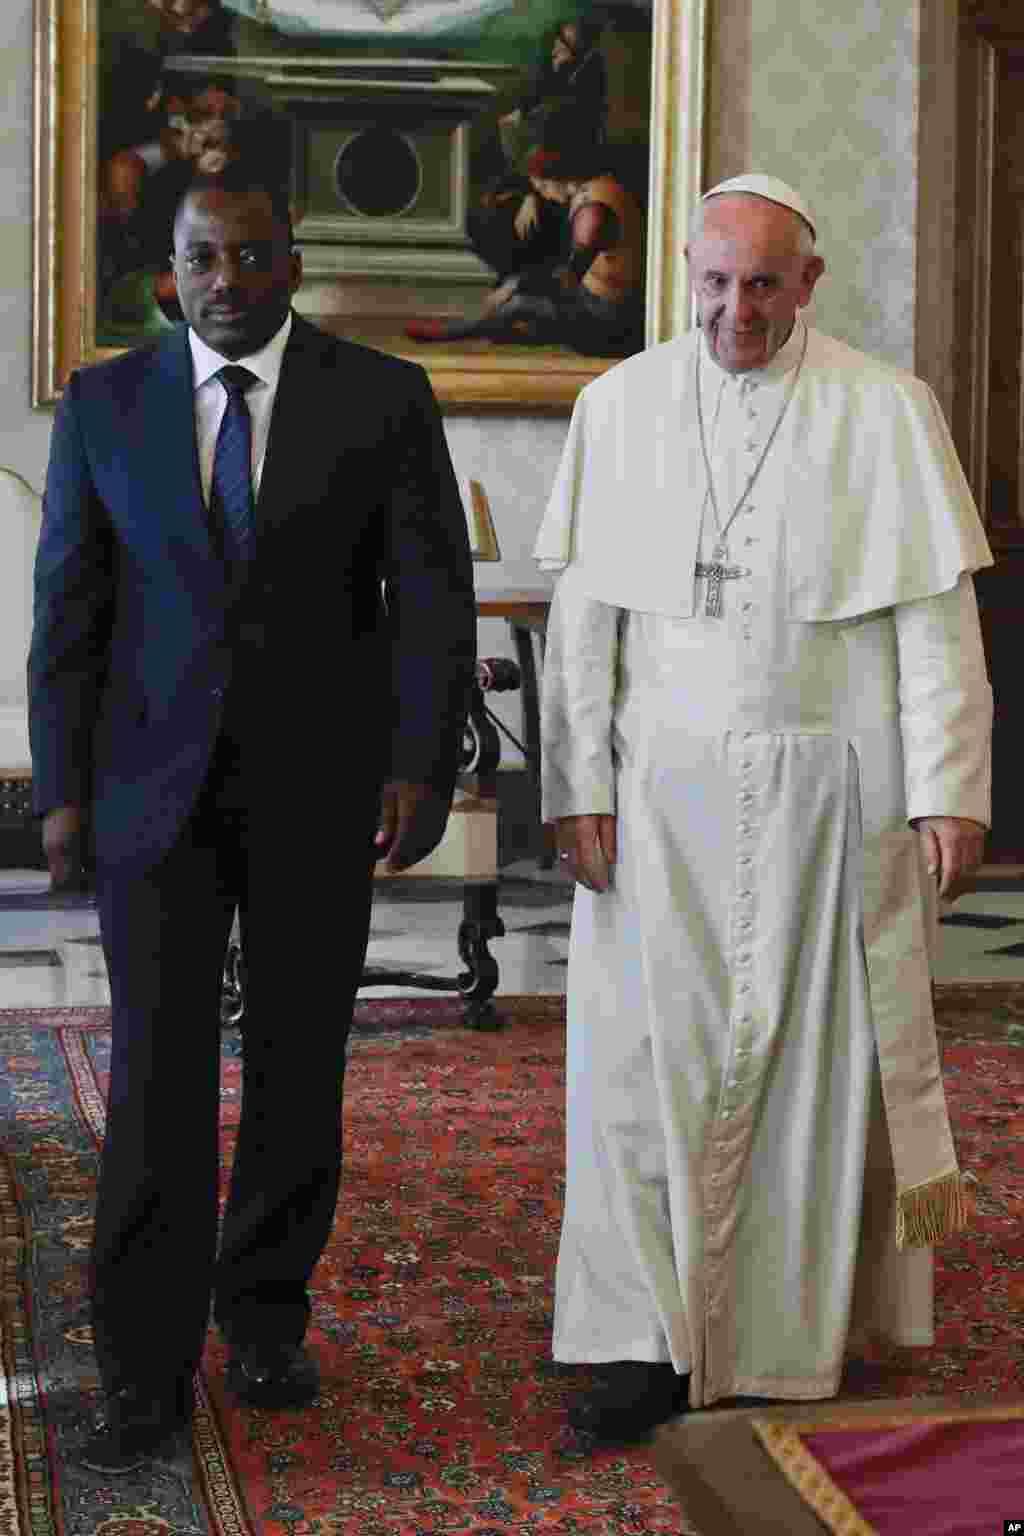 Le président de RDC, Joseph Kabila est reçu par le pape François, au Vatican, à Rome le 26 septembre 2016 .